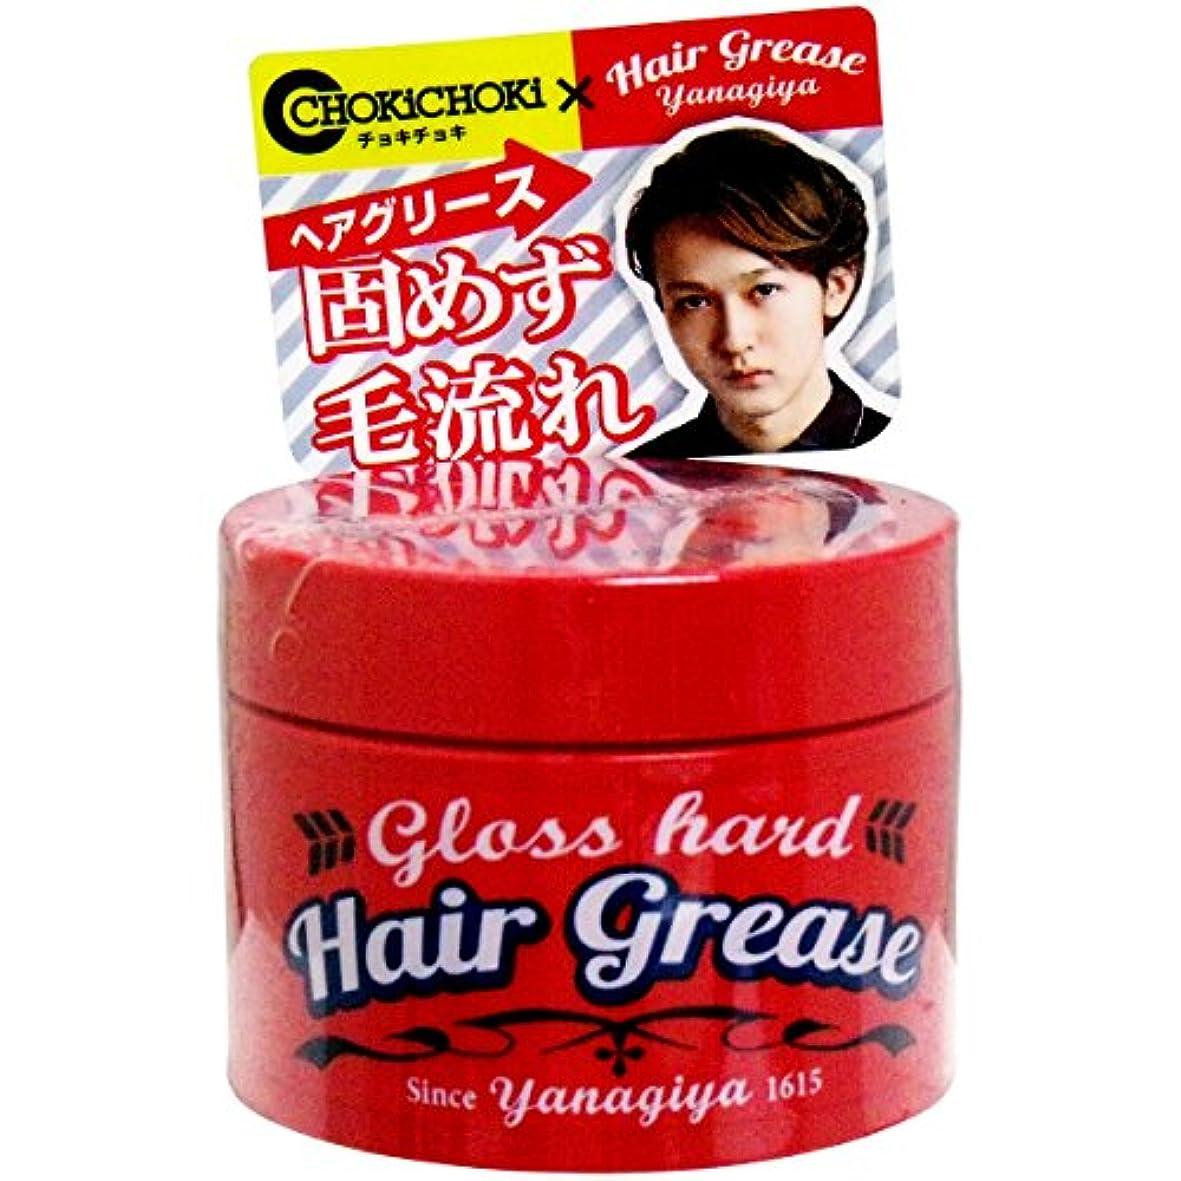 無し少ないお別れヘアワックス 固めず毛流れ 使いやすい YANAGIYA ヘアグリース グロスハード 90g入【2個セット】